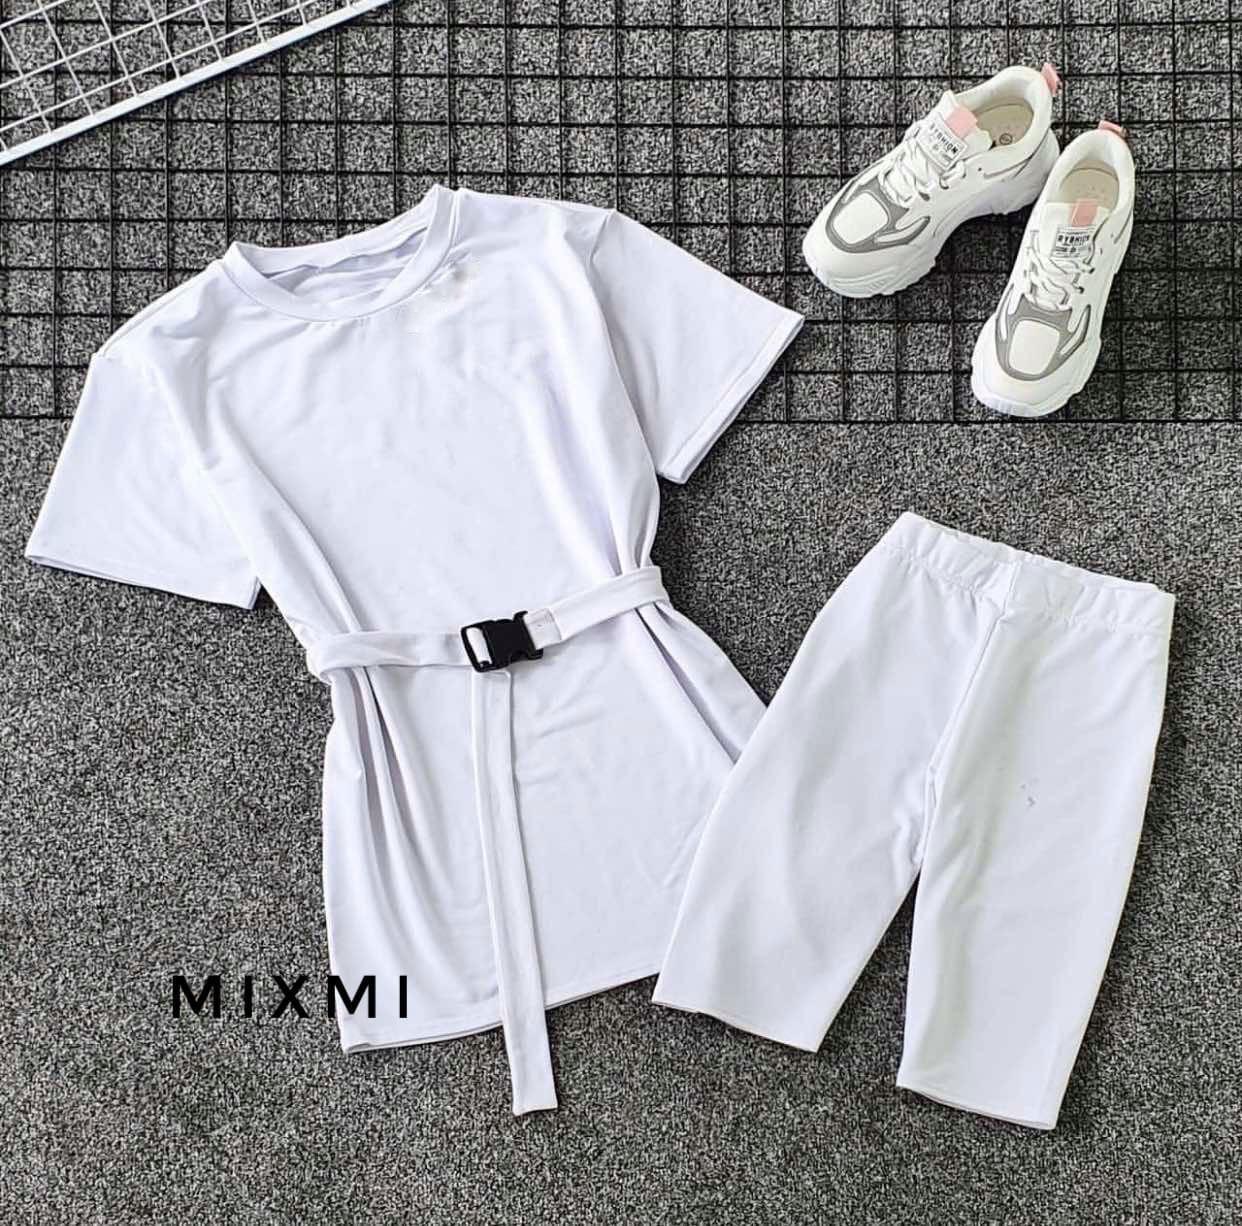 Жіночий костюм, двунить, р-р 42-44; 44-46 (білий)